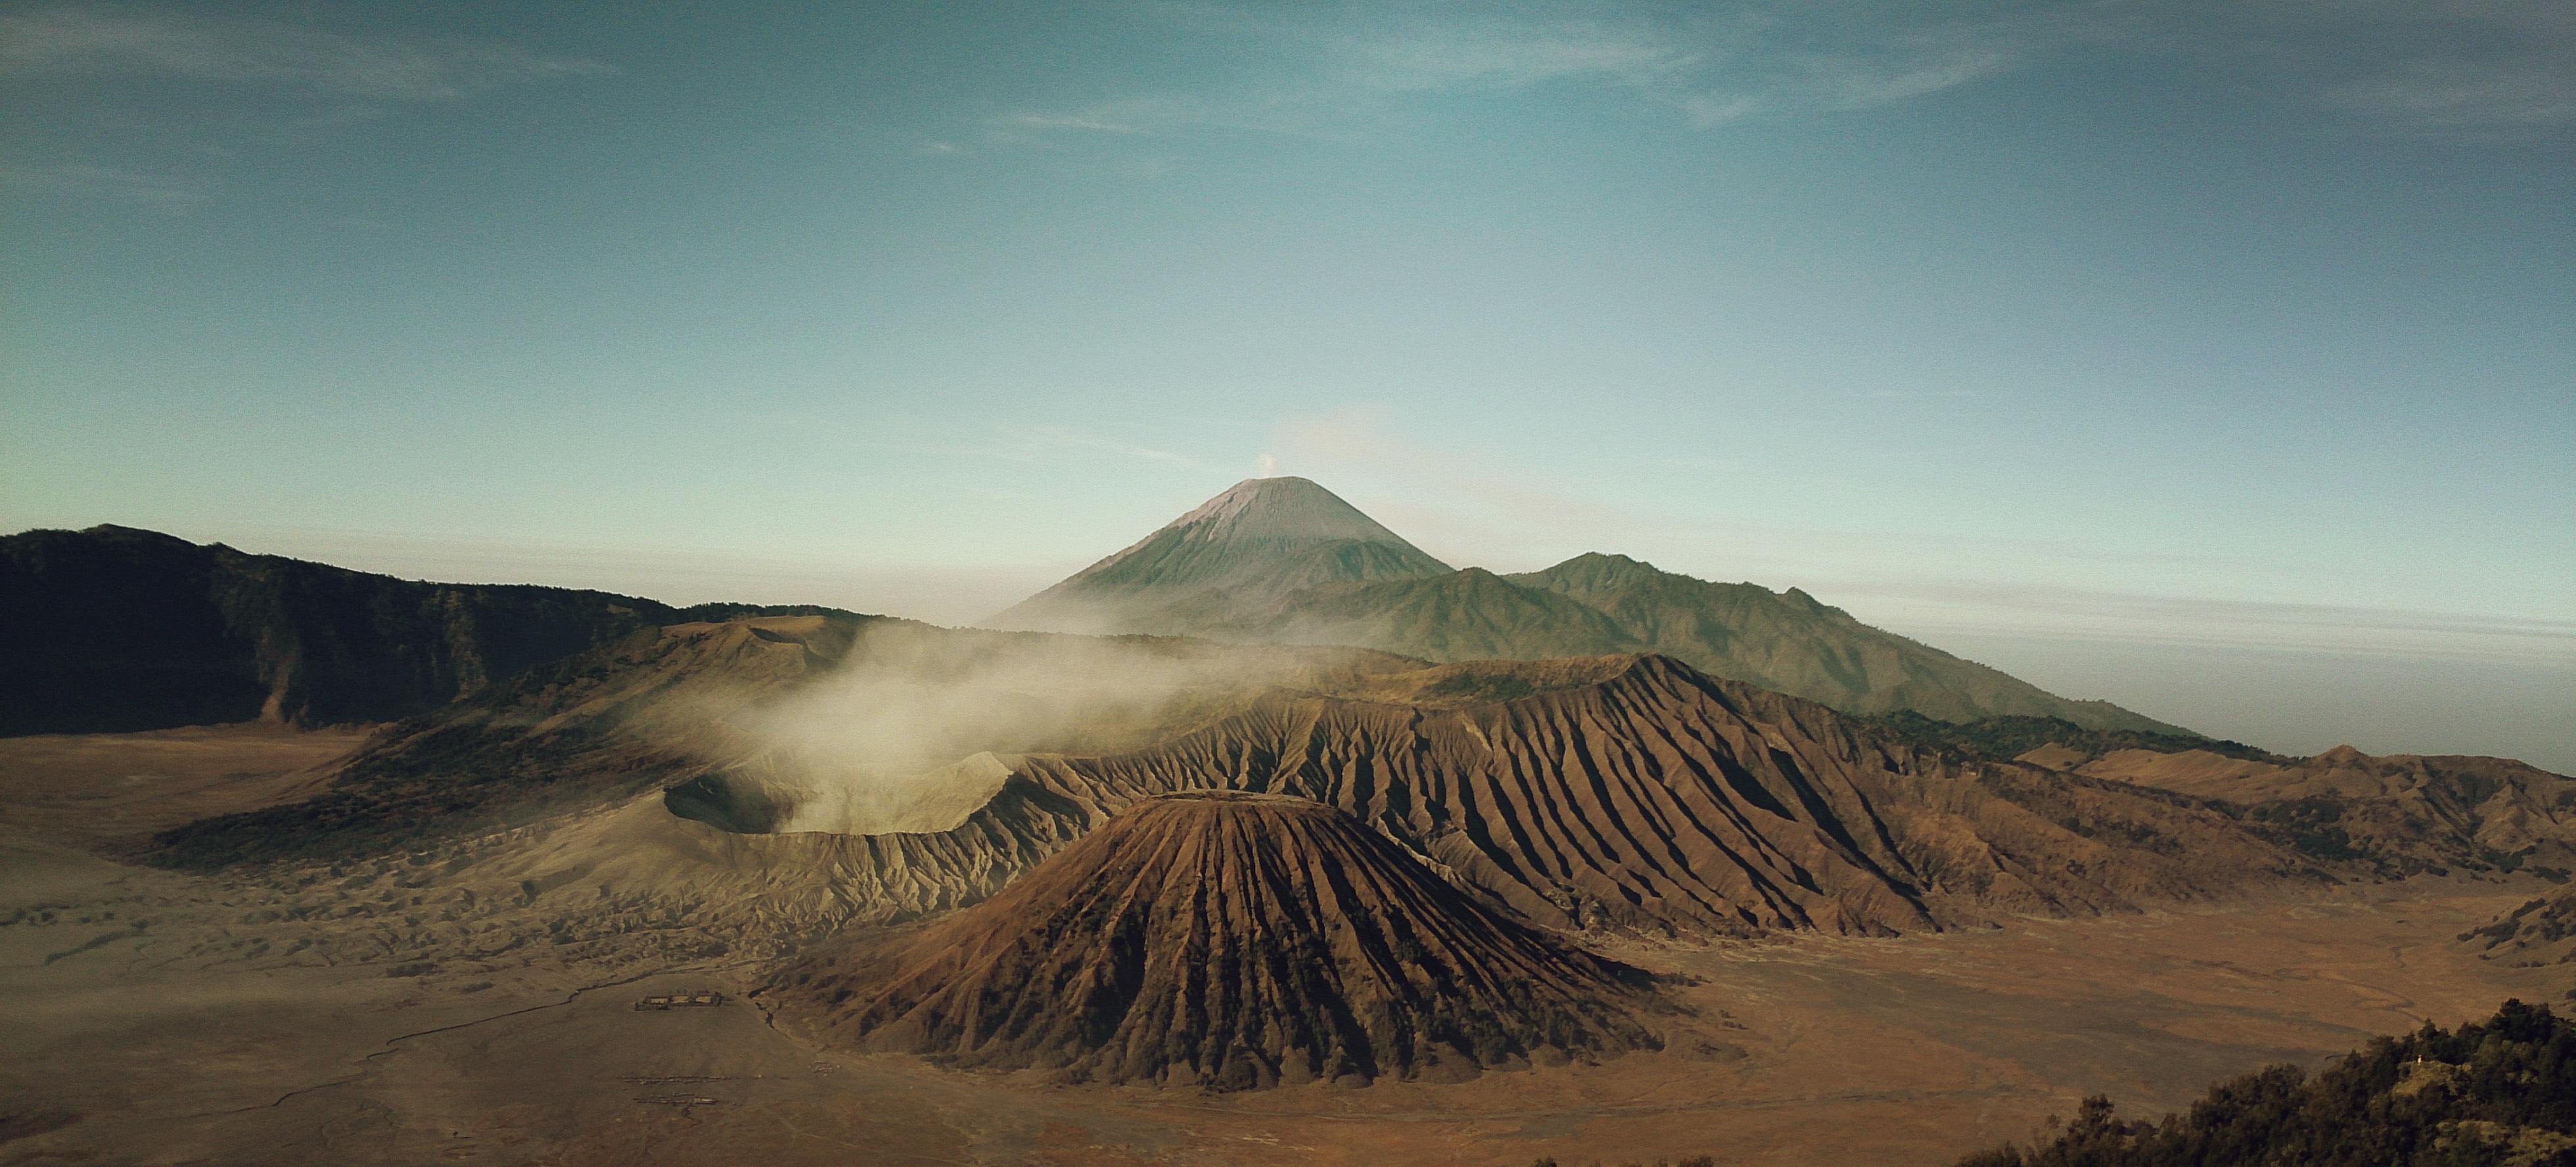 5 lugares que parecen de otro planeta islandia